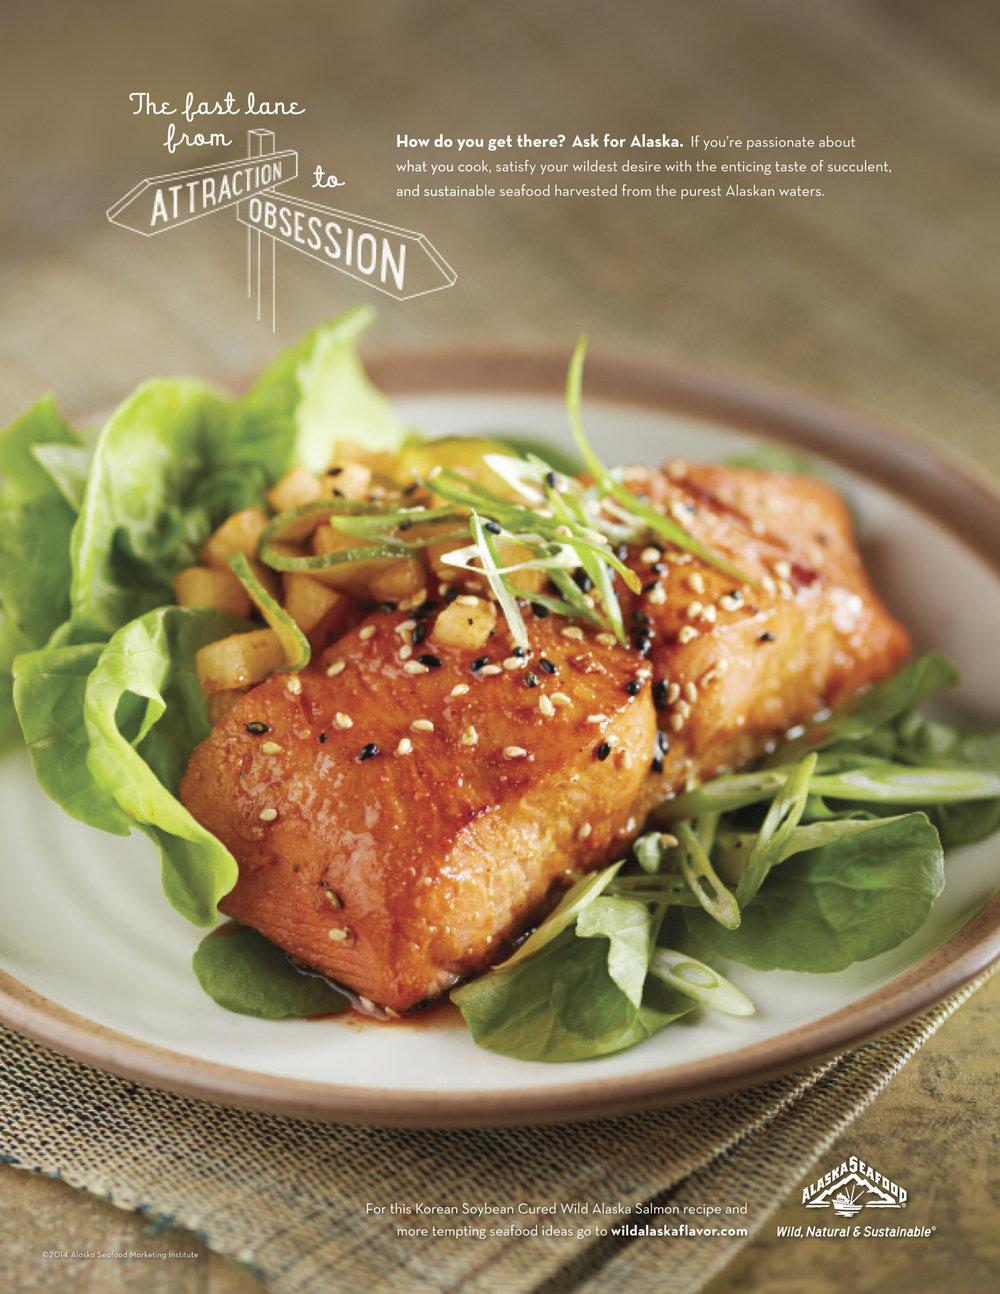 AK salmon ad_2014.jpg